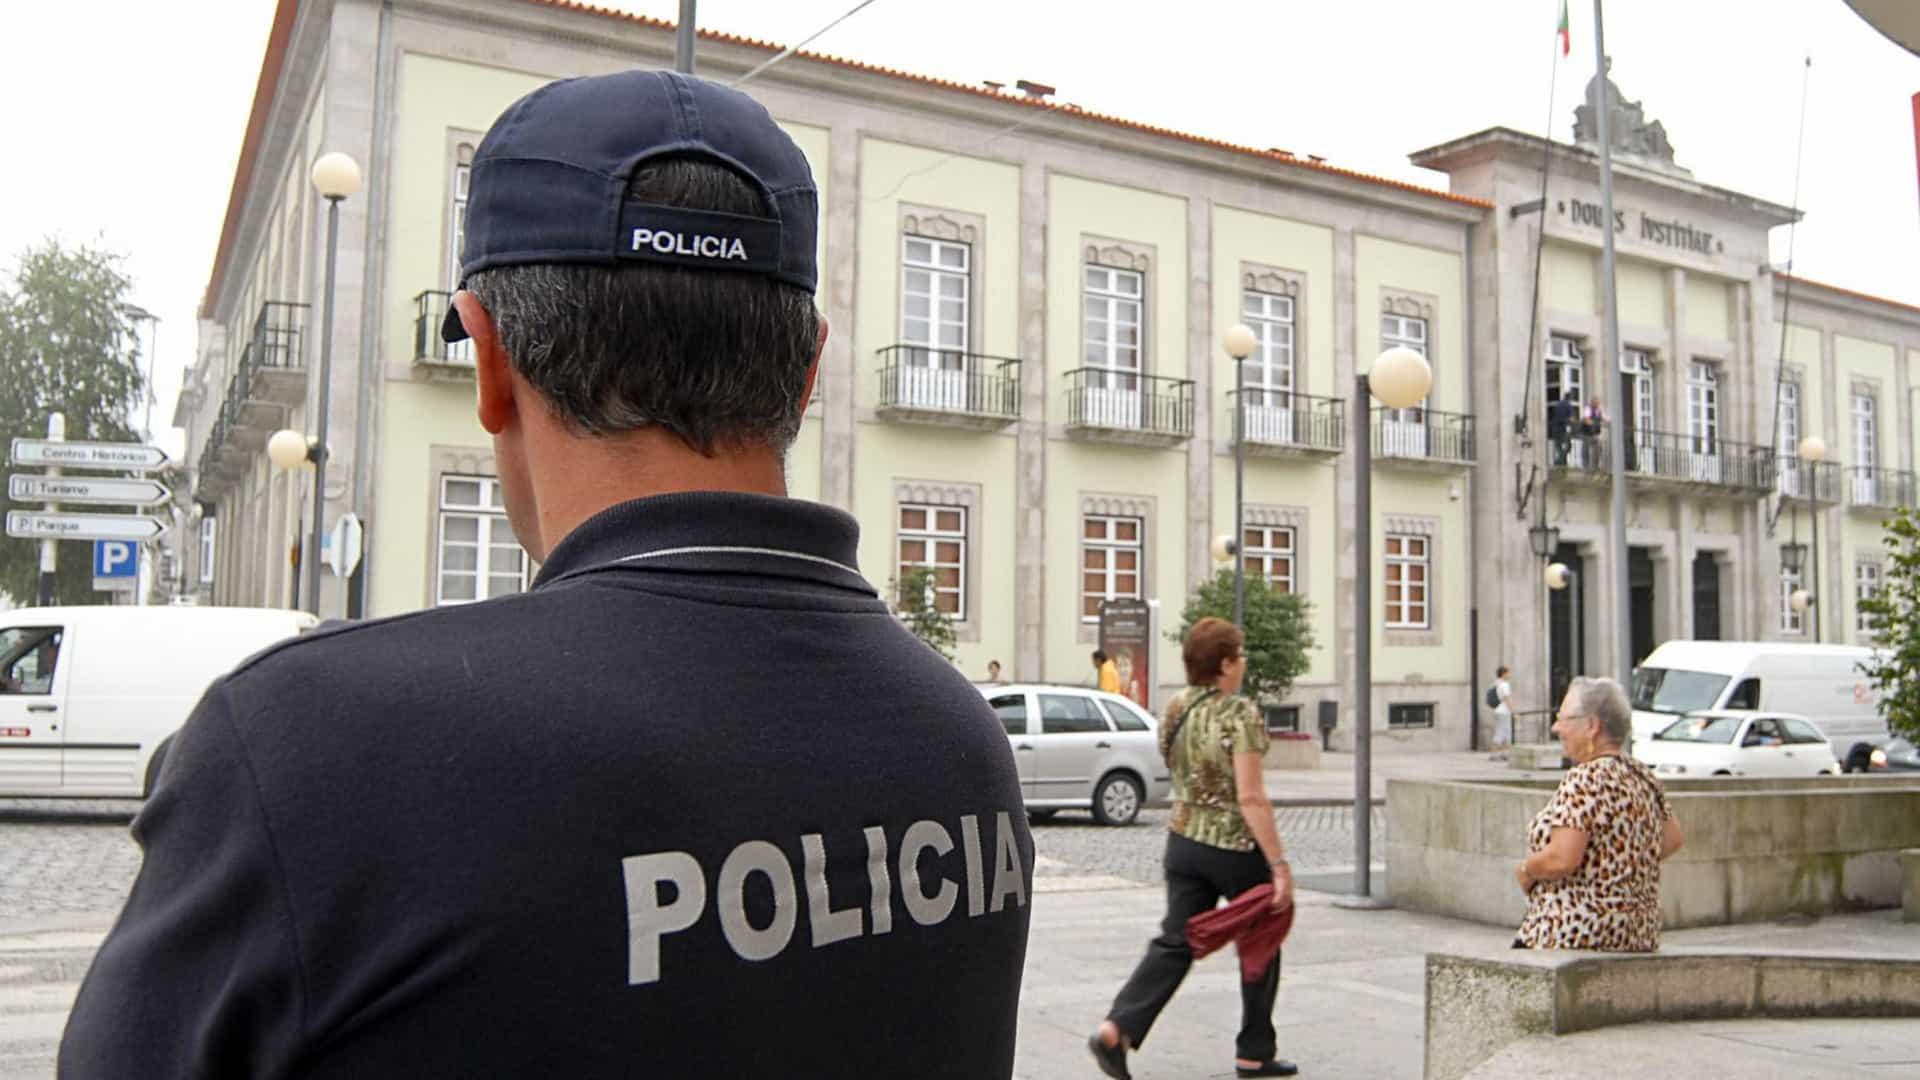 Homicida de Viana do Castelo que esteve sete anos em fuga começa a ser julgado em Outubro